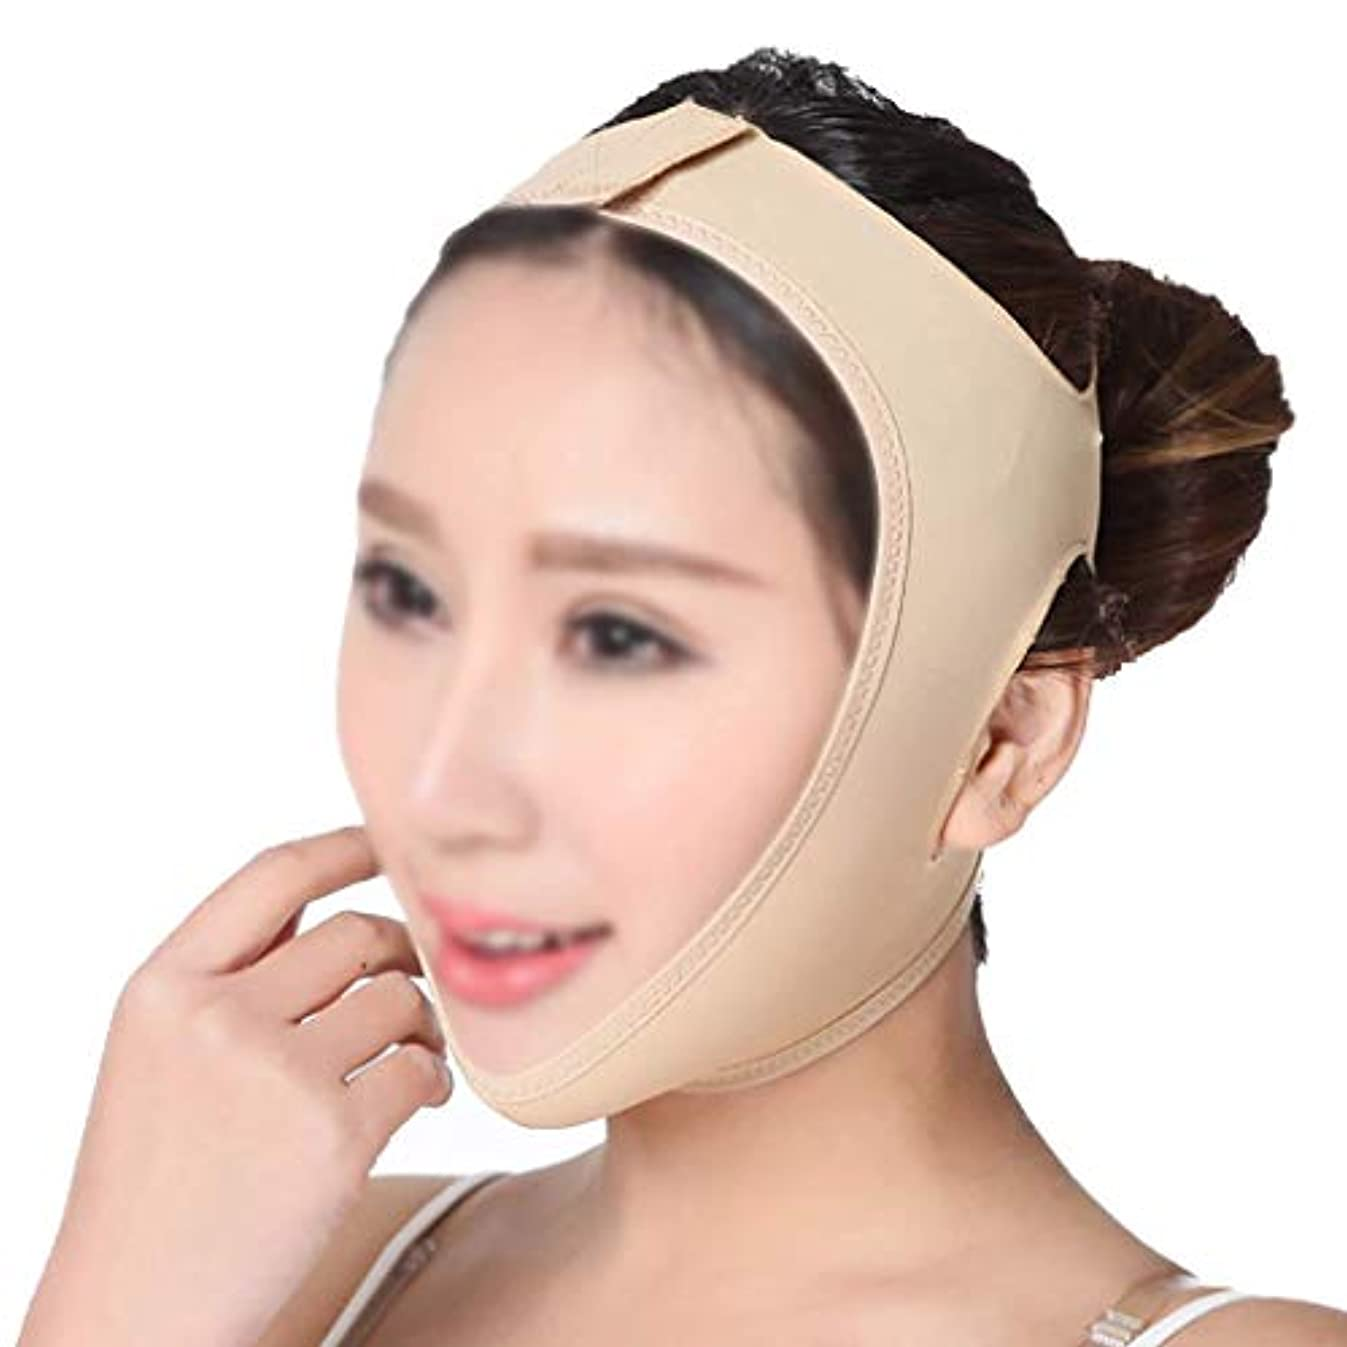 医薬厚くする穏やかなフェイスリフティング包帯、Vフェイスインストゥルメントフェイスマスクアーティファクト引き締めマスク手動フェイシャルマッサージャー通気性肌のトーン(サイズ:xl),M